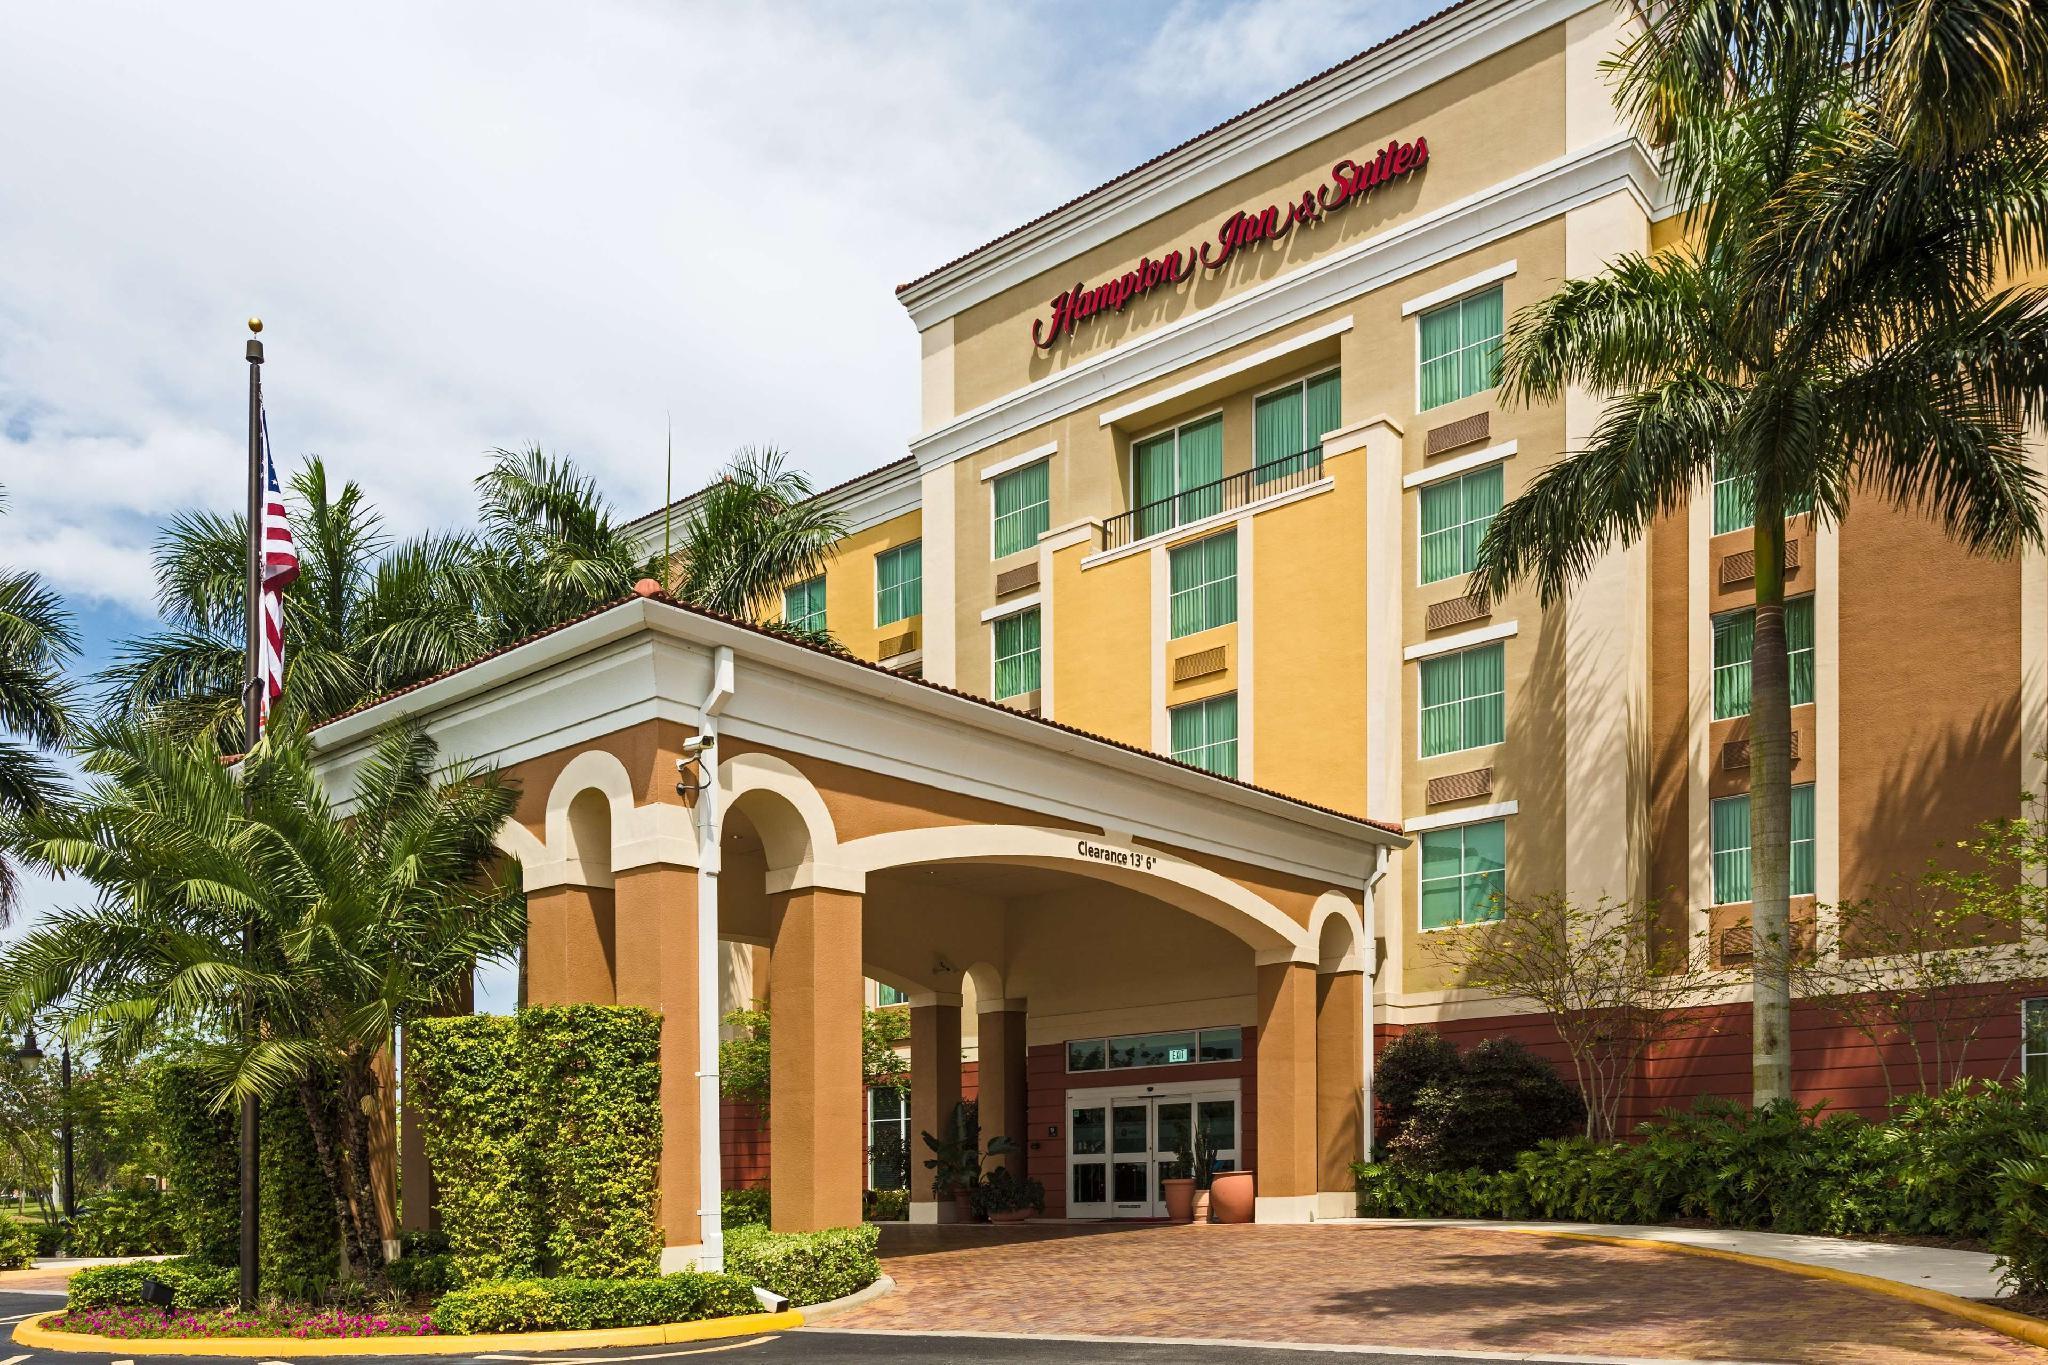 Hampton Inn And Suites Fort Lauderdale Miramar